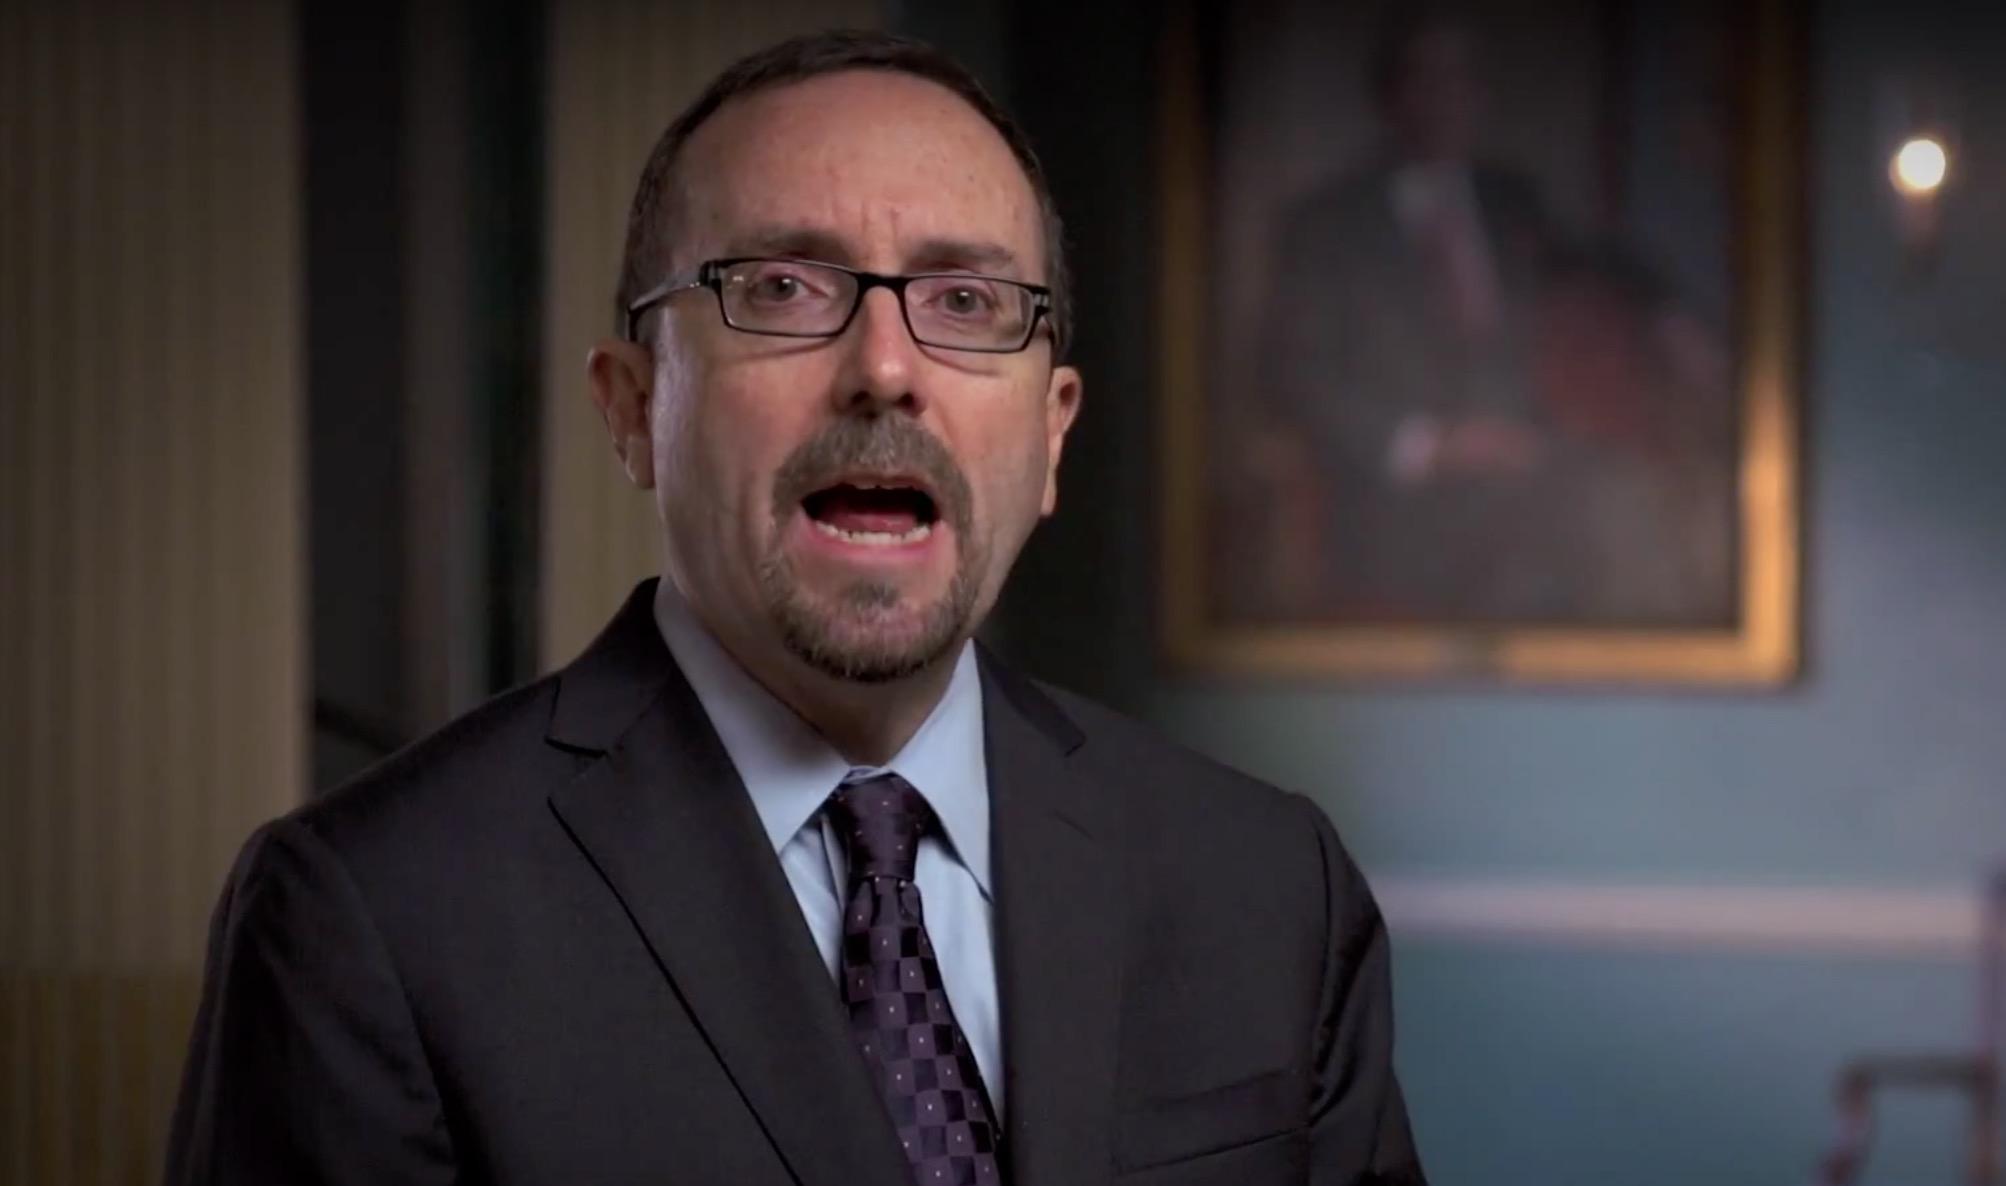 ABD Büyükelçisi Bass: ABD misyonlarında saklanan kimse yok